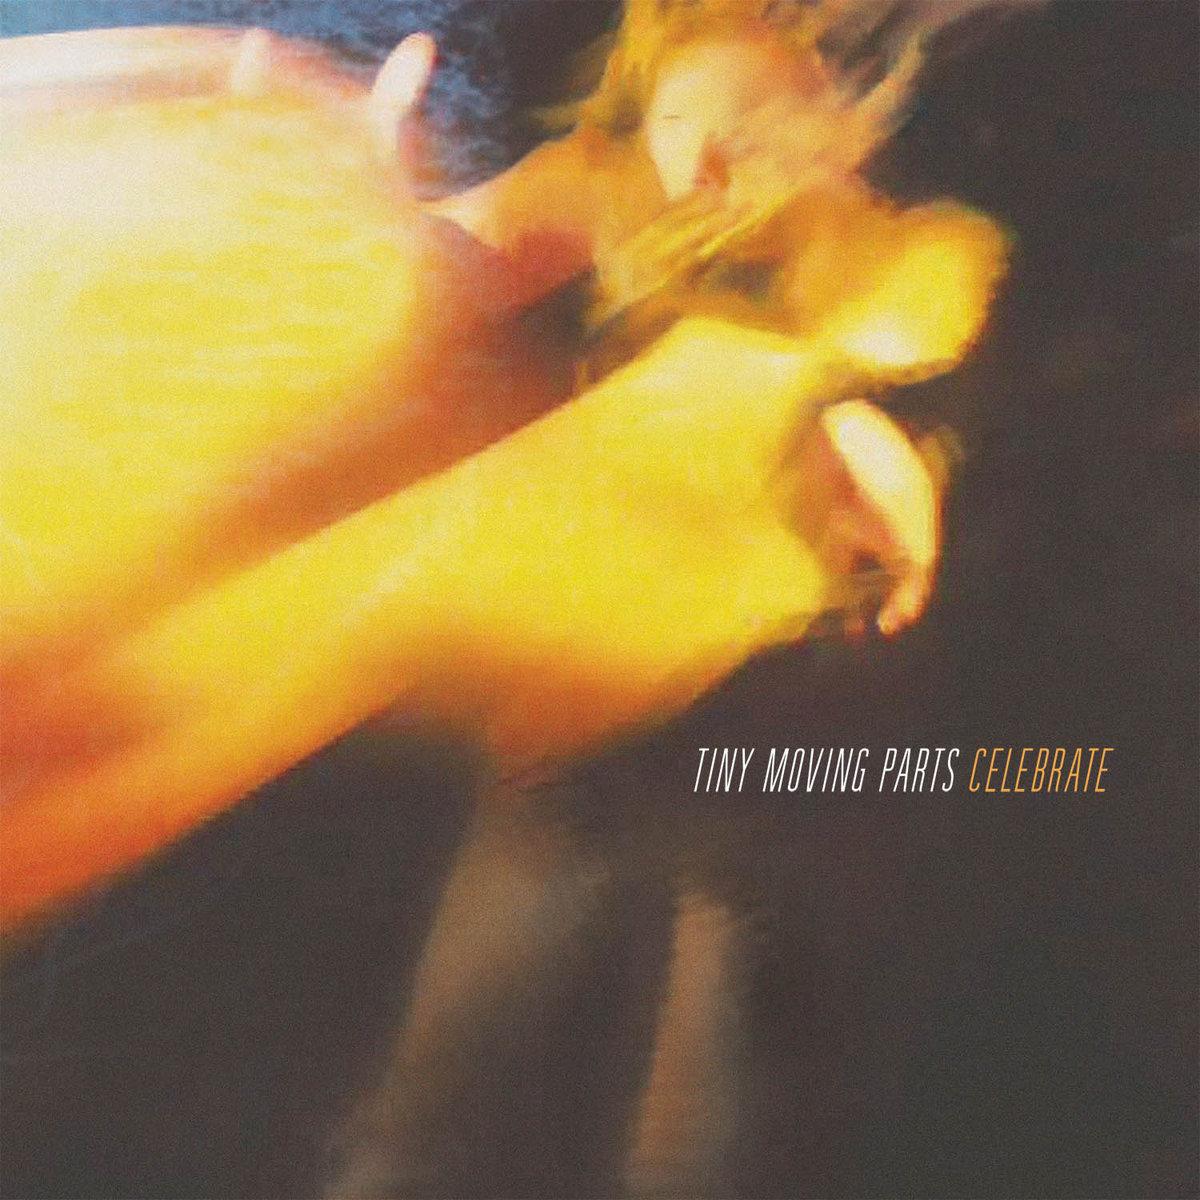 TINY MOVING PARTS Celebrate - Vinyl LP (black)